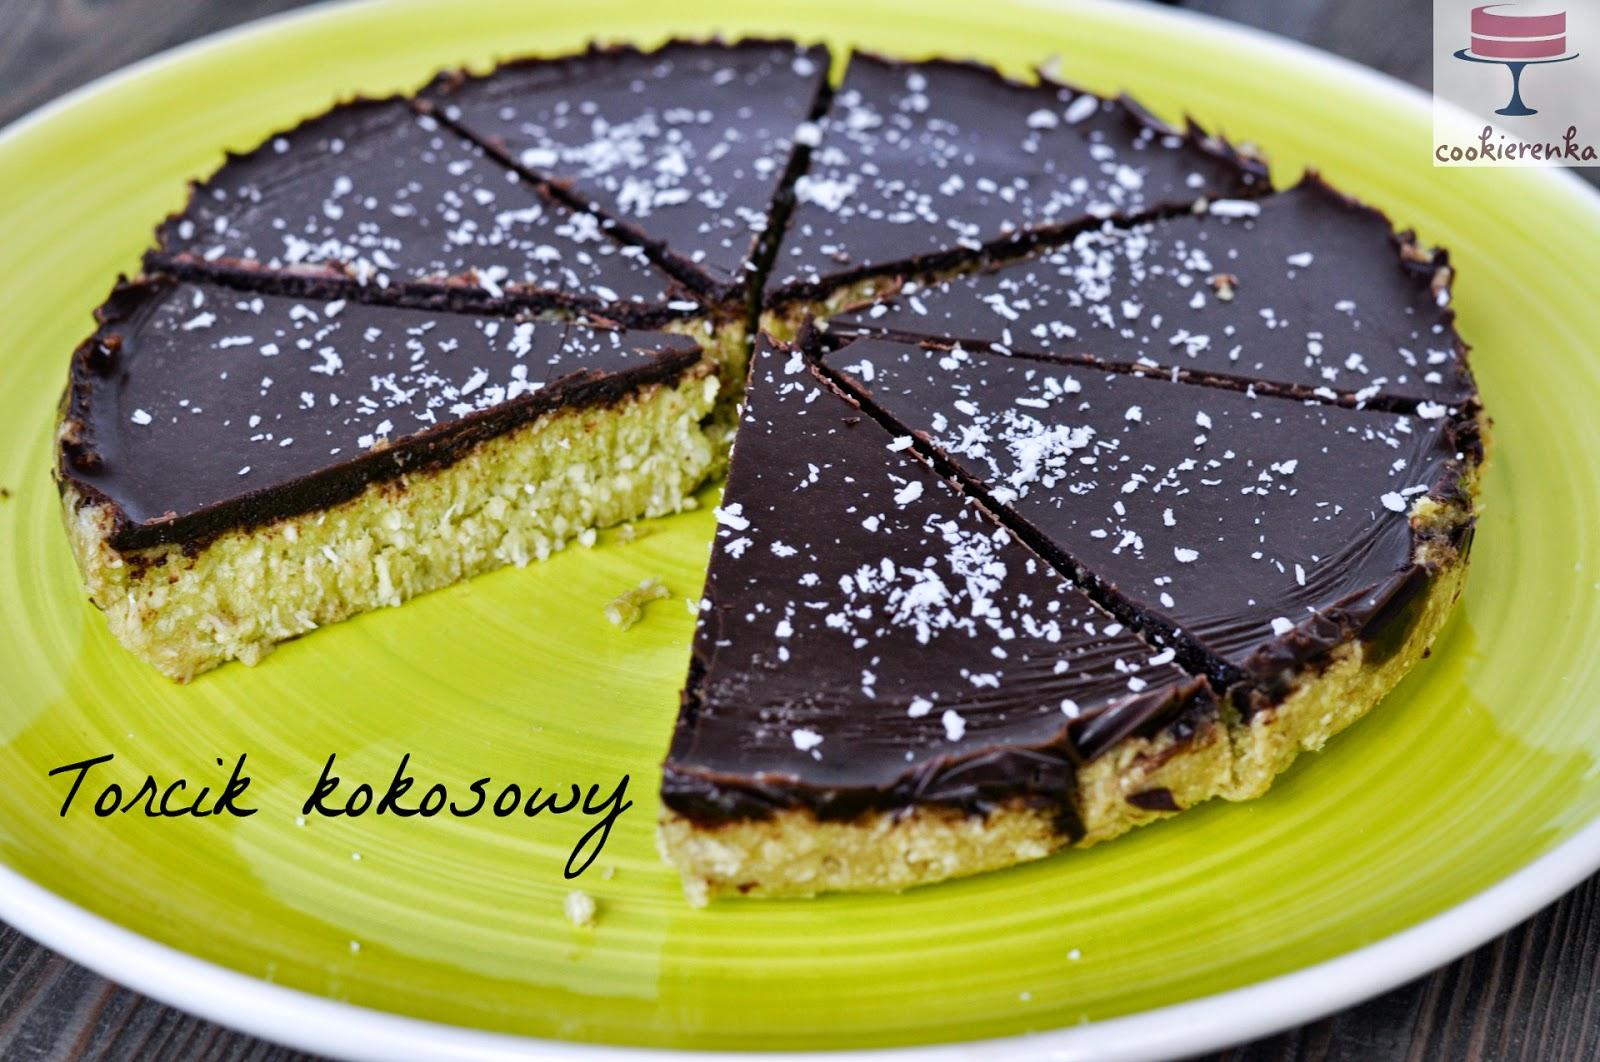 http://www.cookierenka.com/2014/10/zdrowy-torcik-kokosowy-weganski-bez.html